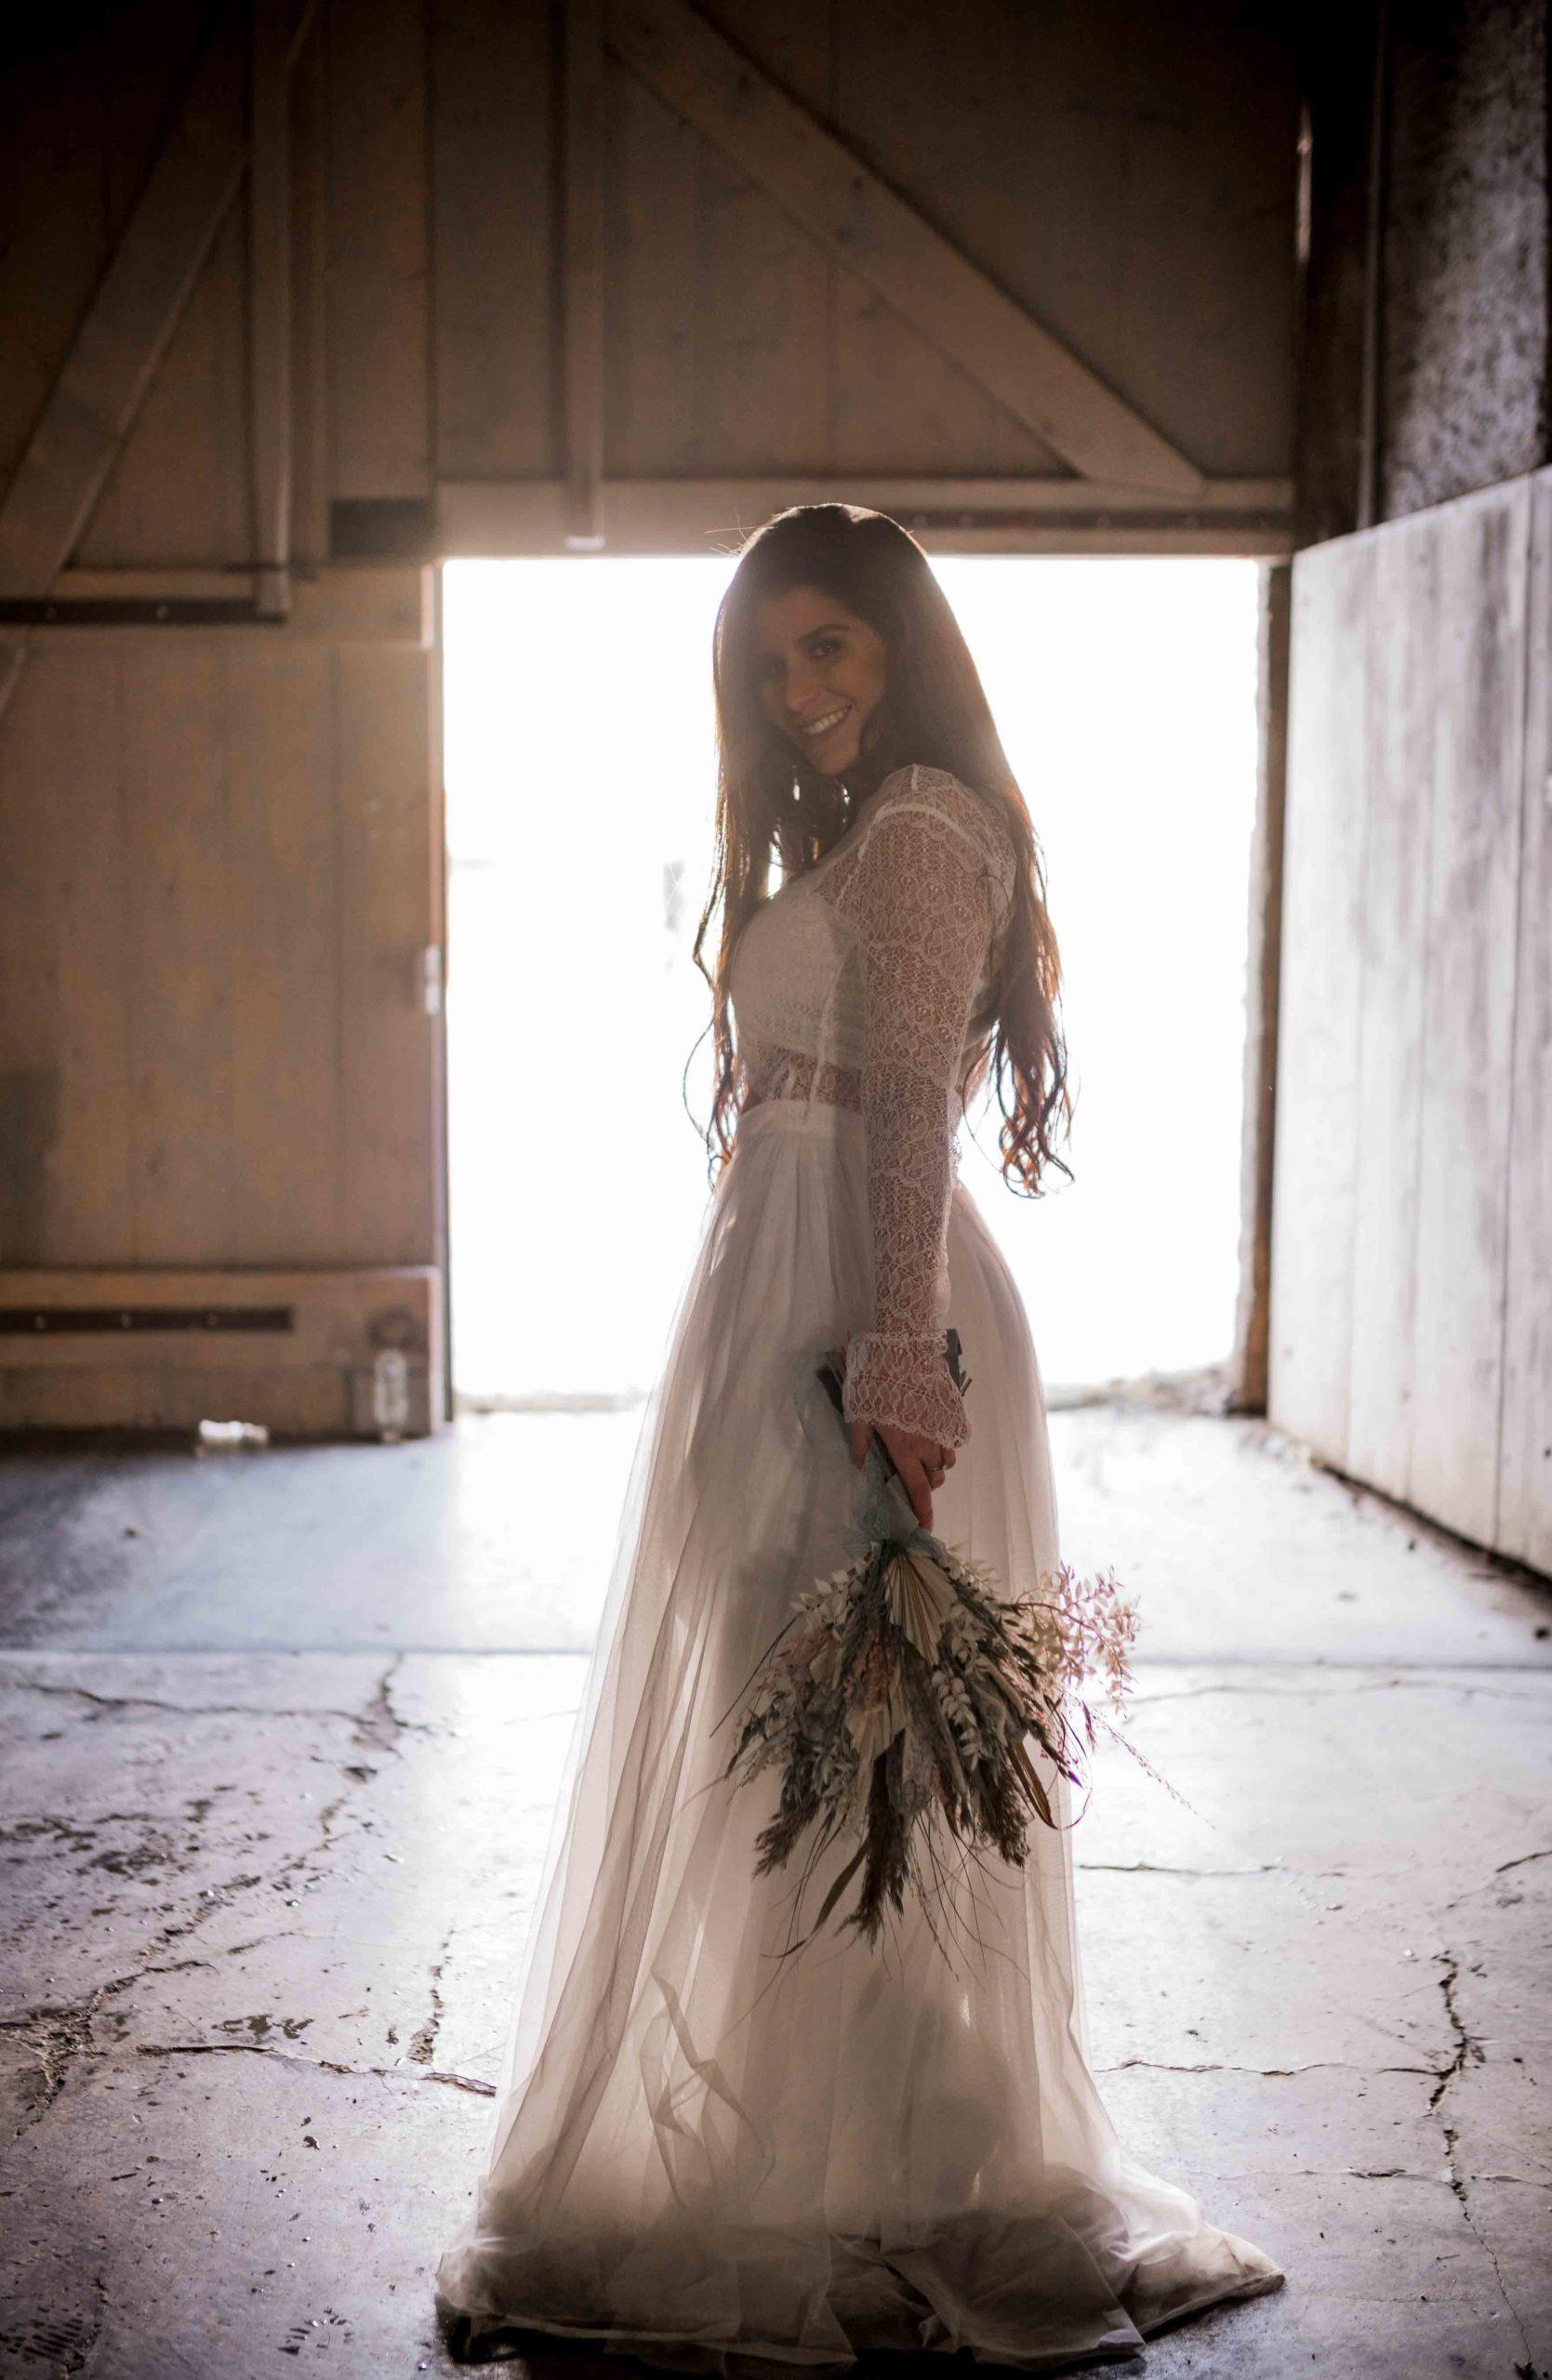 noni Brautmode, Styled Shoot, Model mit langem Kleid, Seitenasnsicht, Strauss haltend und lachend